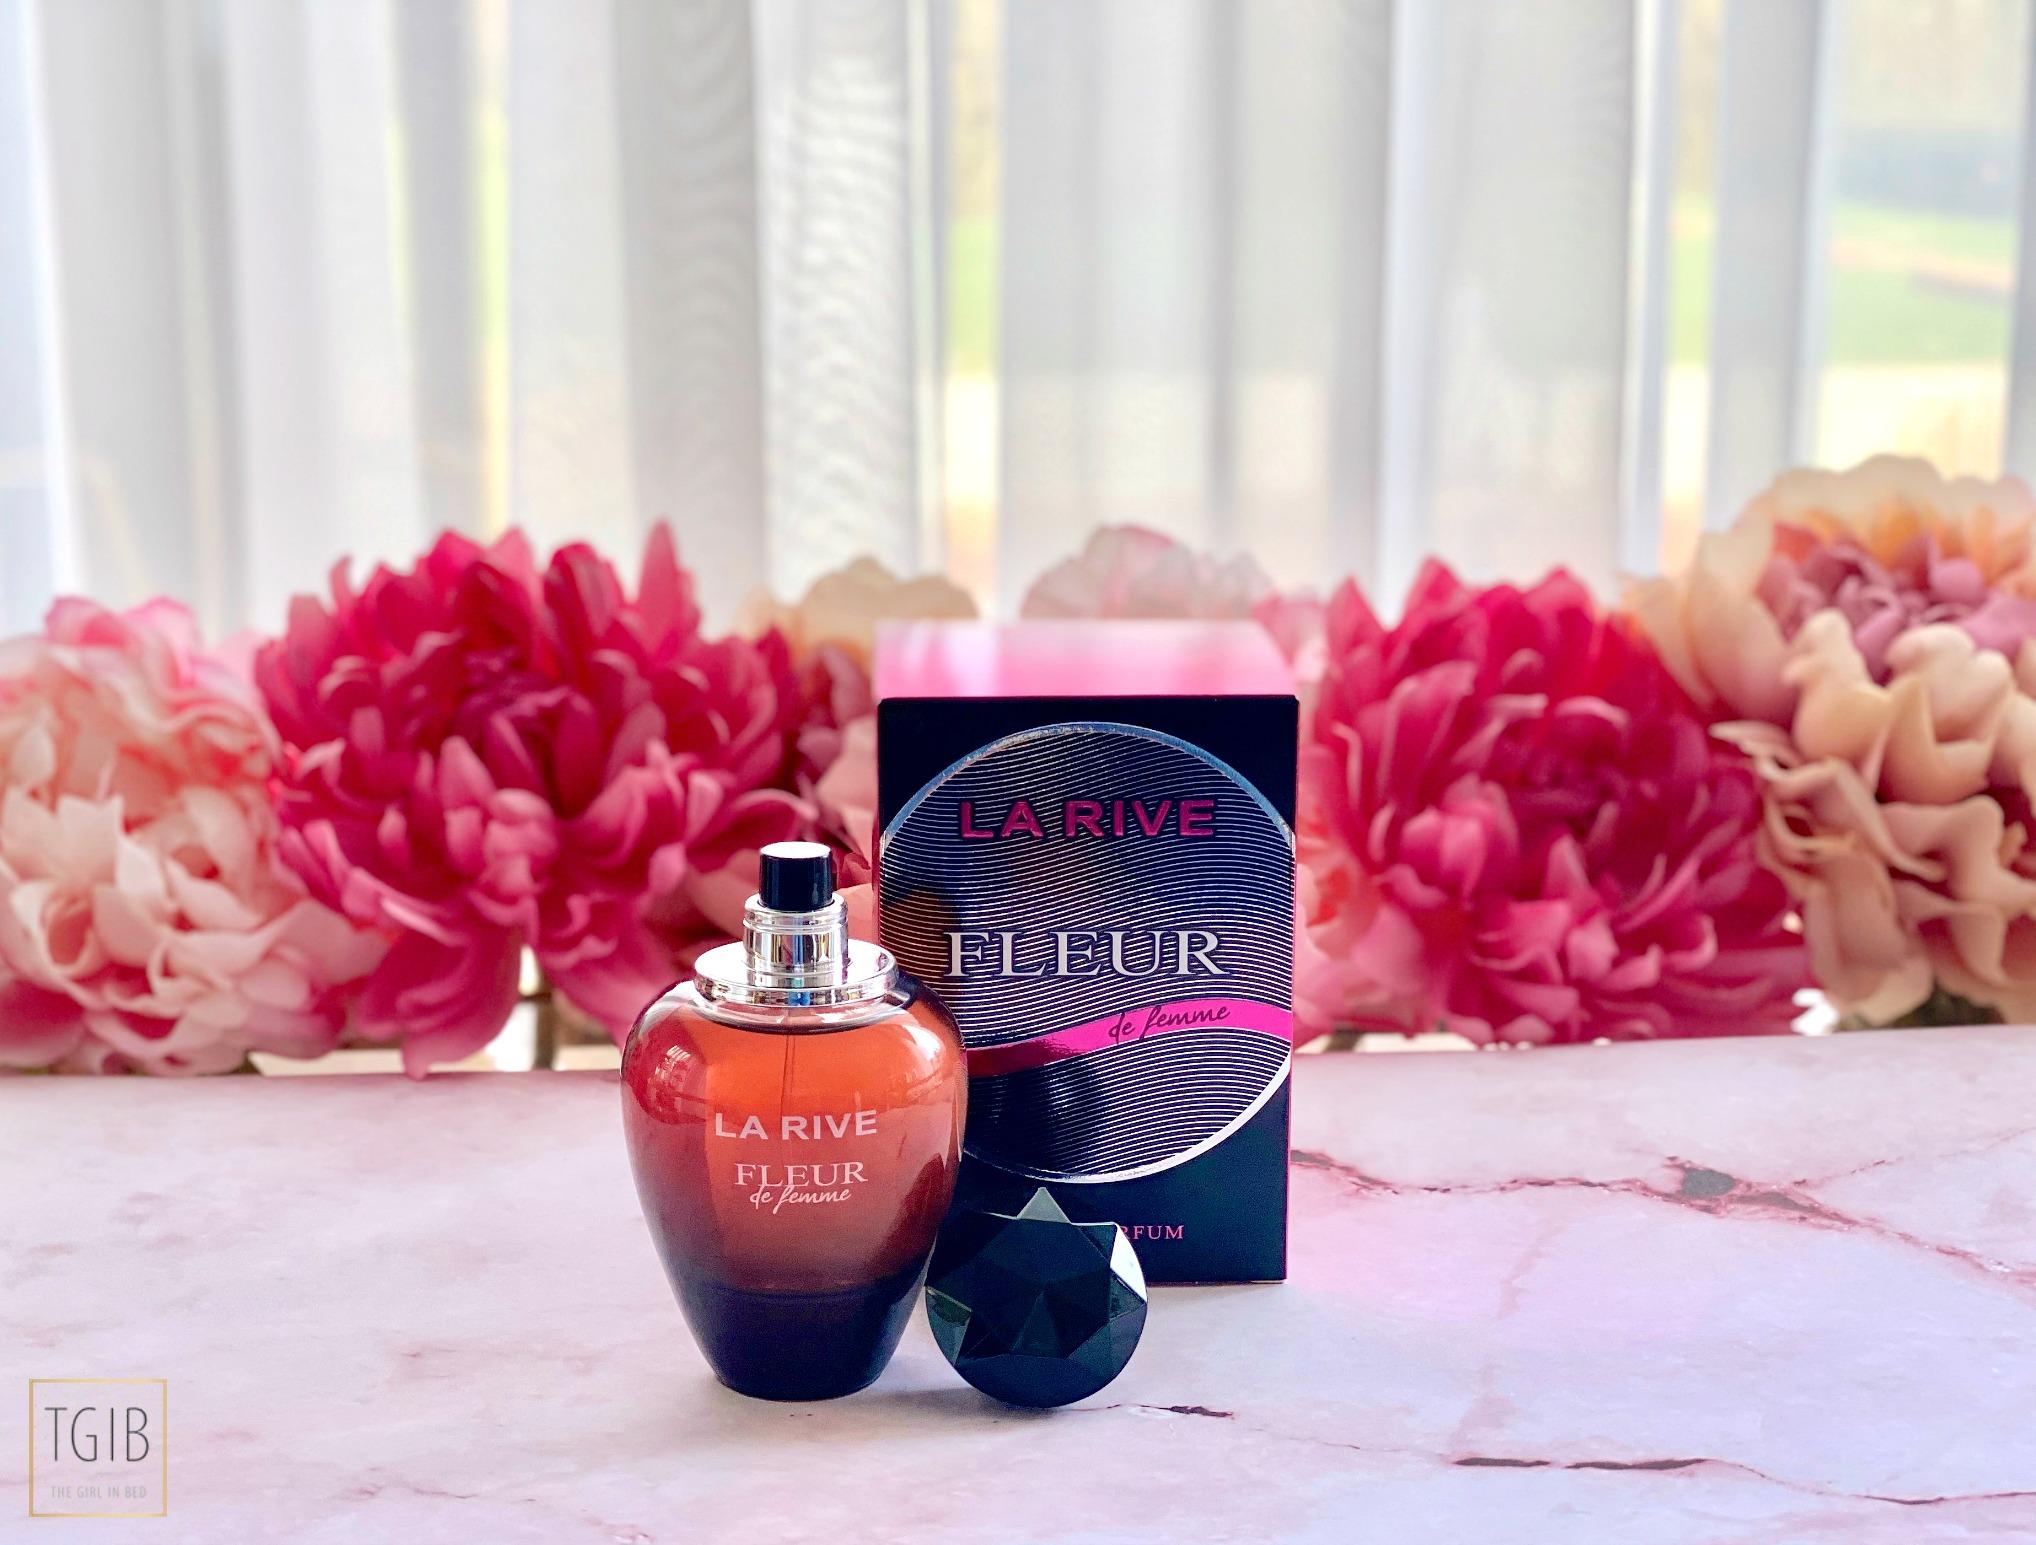 La Rive Fleur de Femme vs Dior Poison Girl